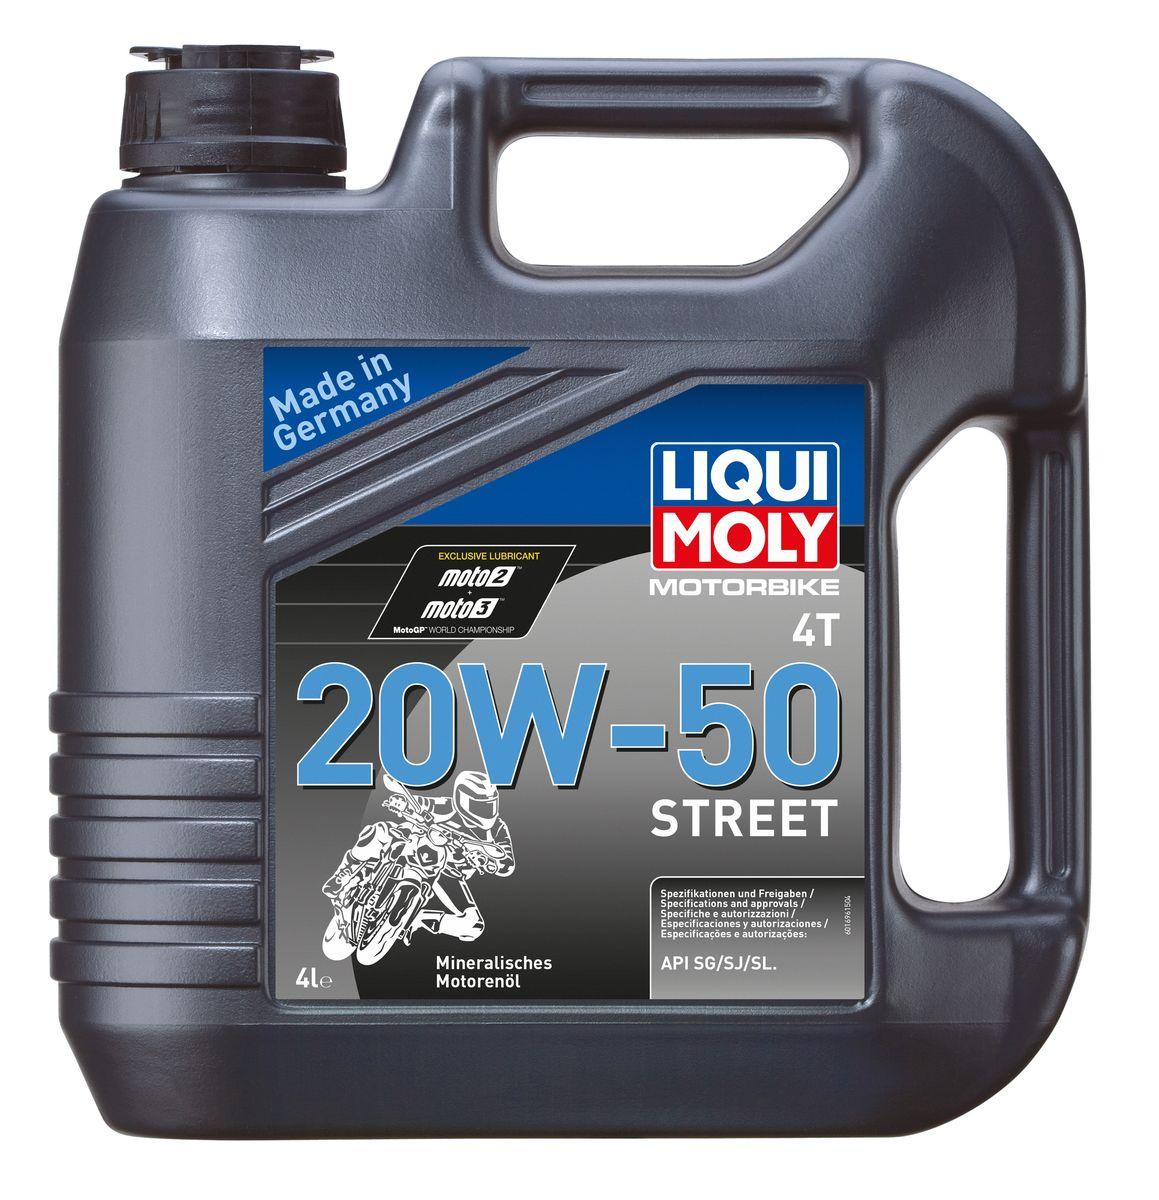 Масло моторное Liqui Moly Motorbike 4T Street, минеральное, 20W-50, 4 л присадка liqui moly benzin system pflege для ухода за бензиновой системой впрыска 0 3 л